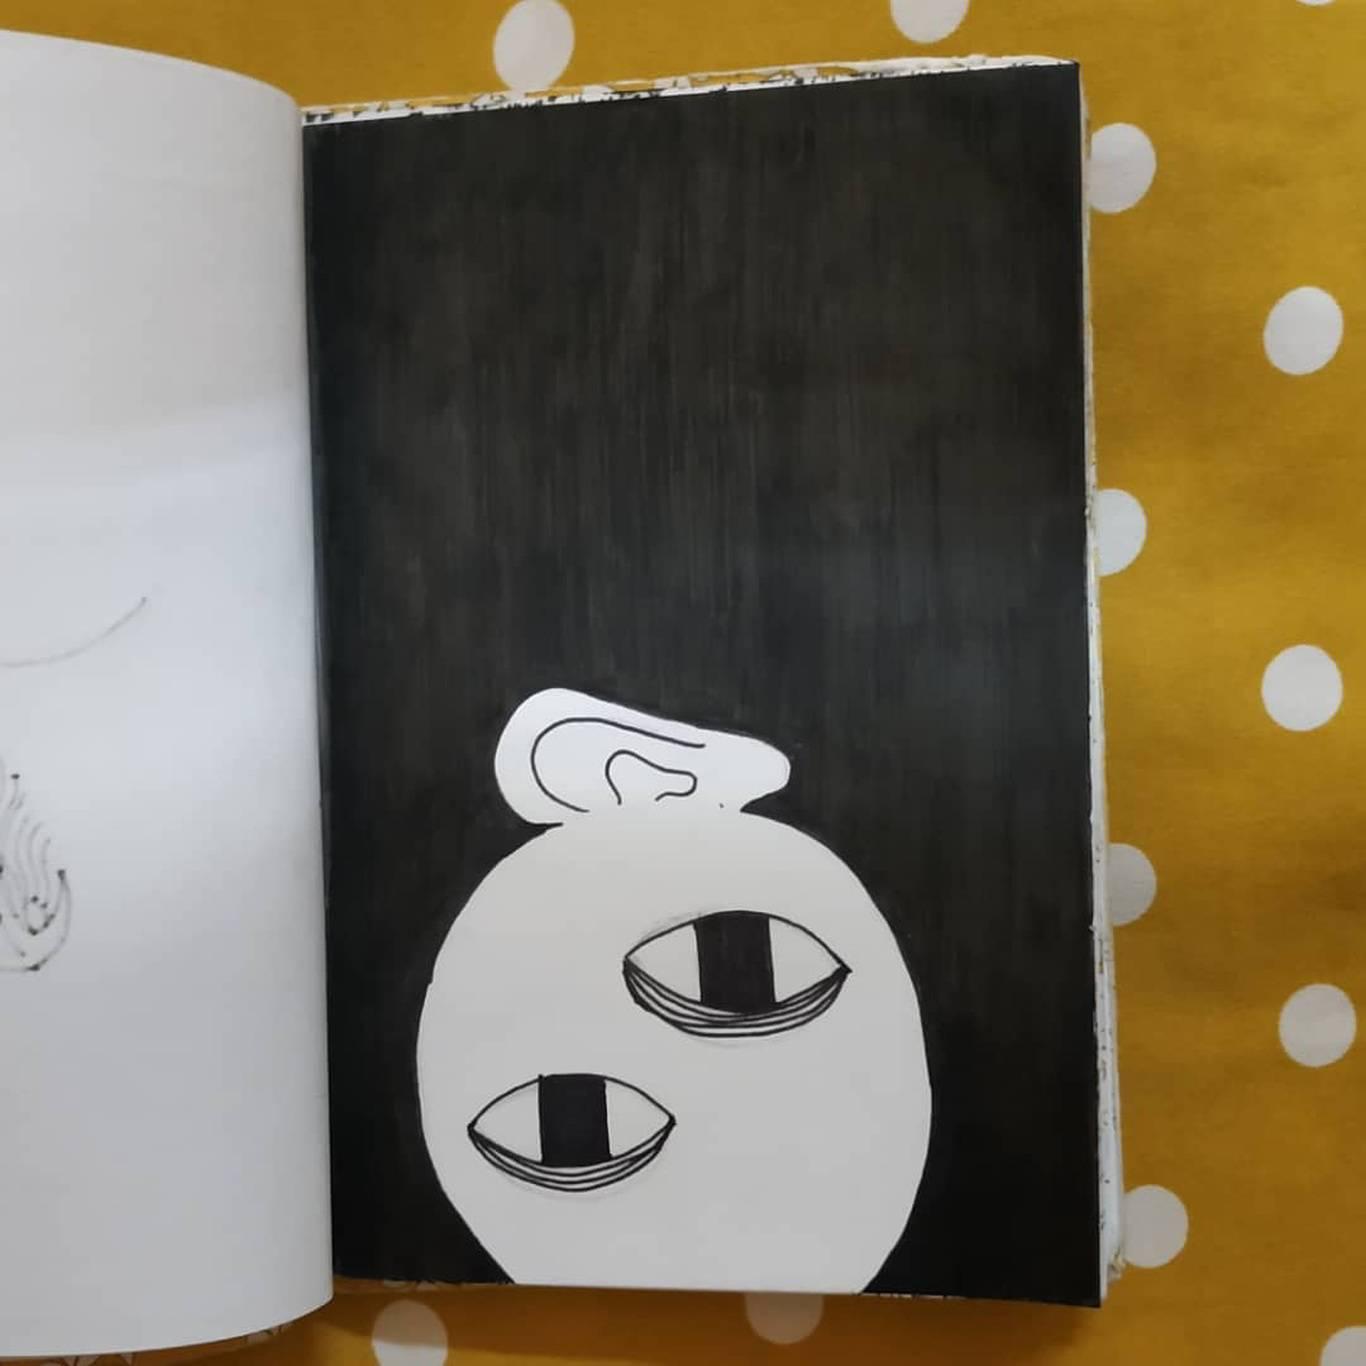 Inktober Día 26: Dark. Ilustración: Marlene Patricia Posada Villanueva / Magazine AM:PM.